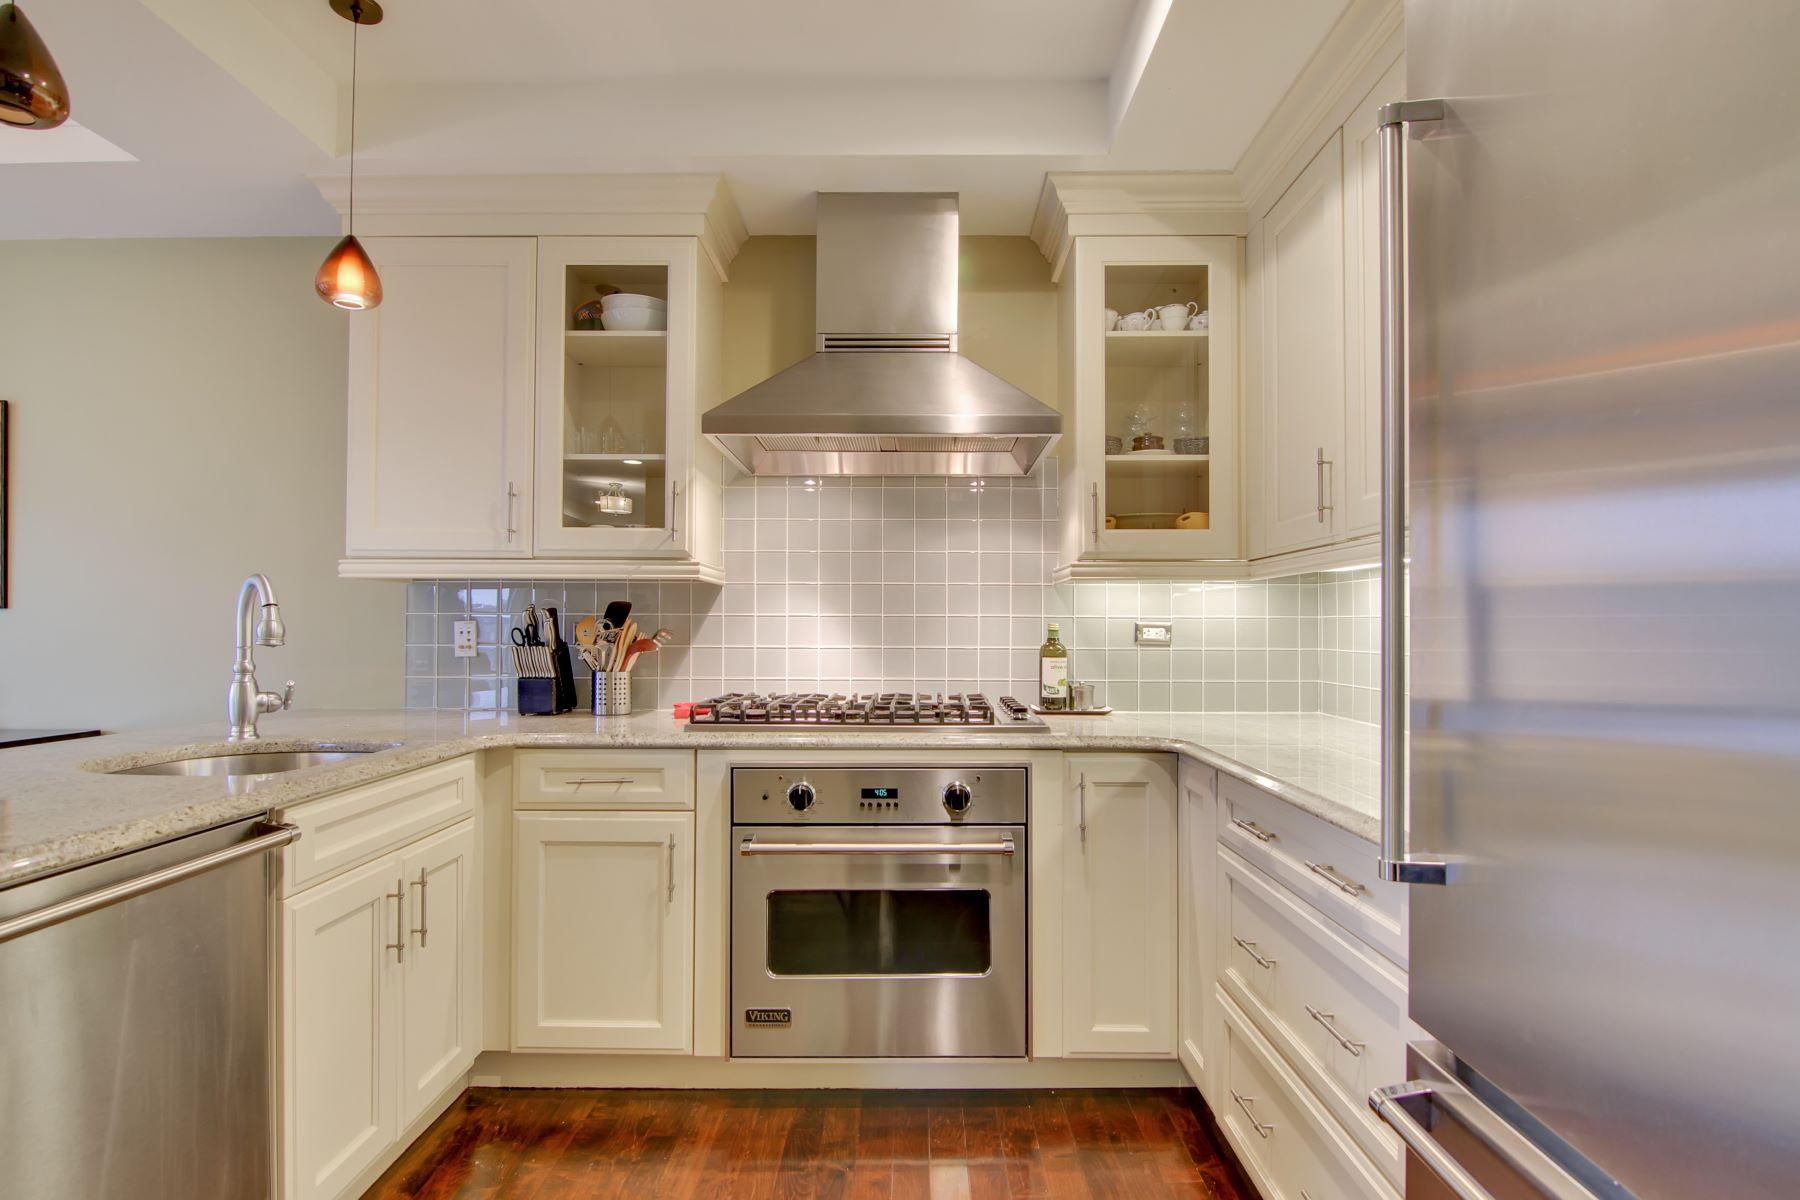 Condomínio para Venda às World class luxury awaits you 32 Cambridge Way #32 Weehawken, Nova Jersey, 07086 Estados Unidos